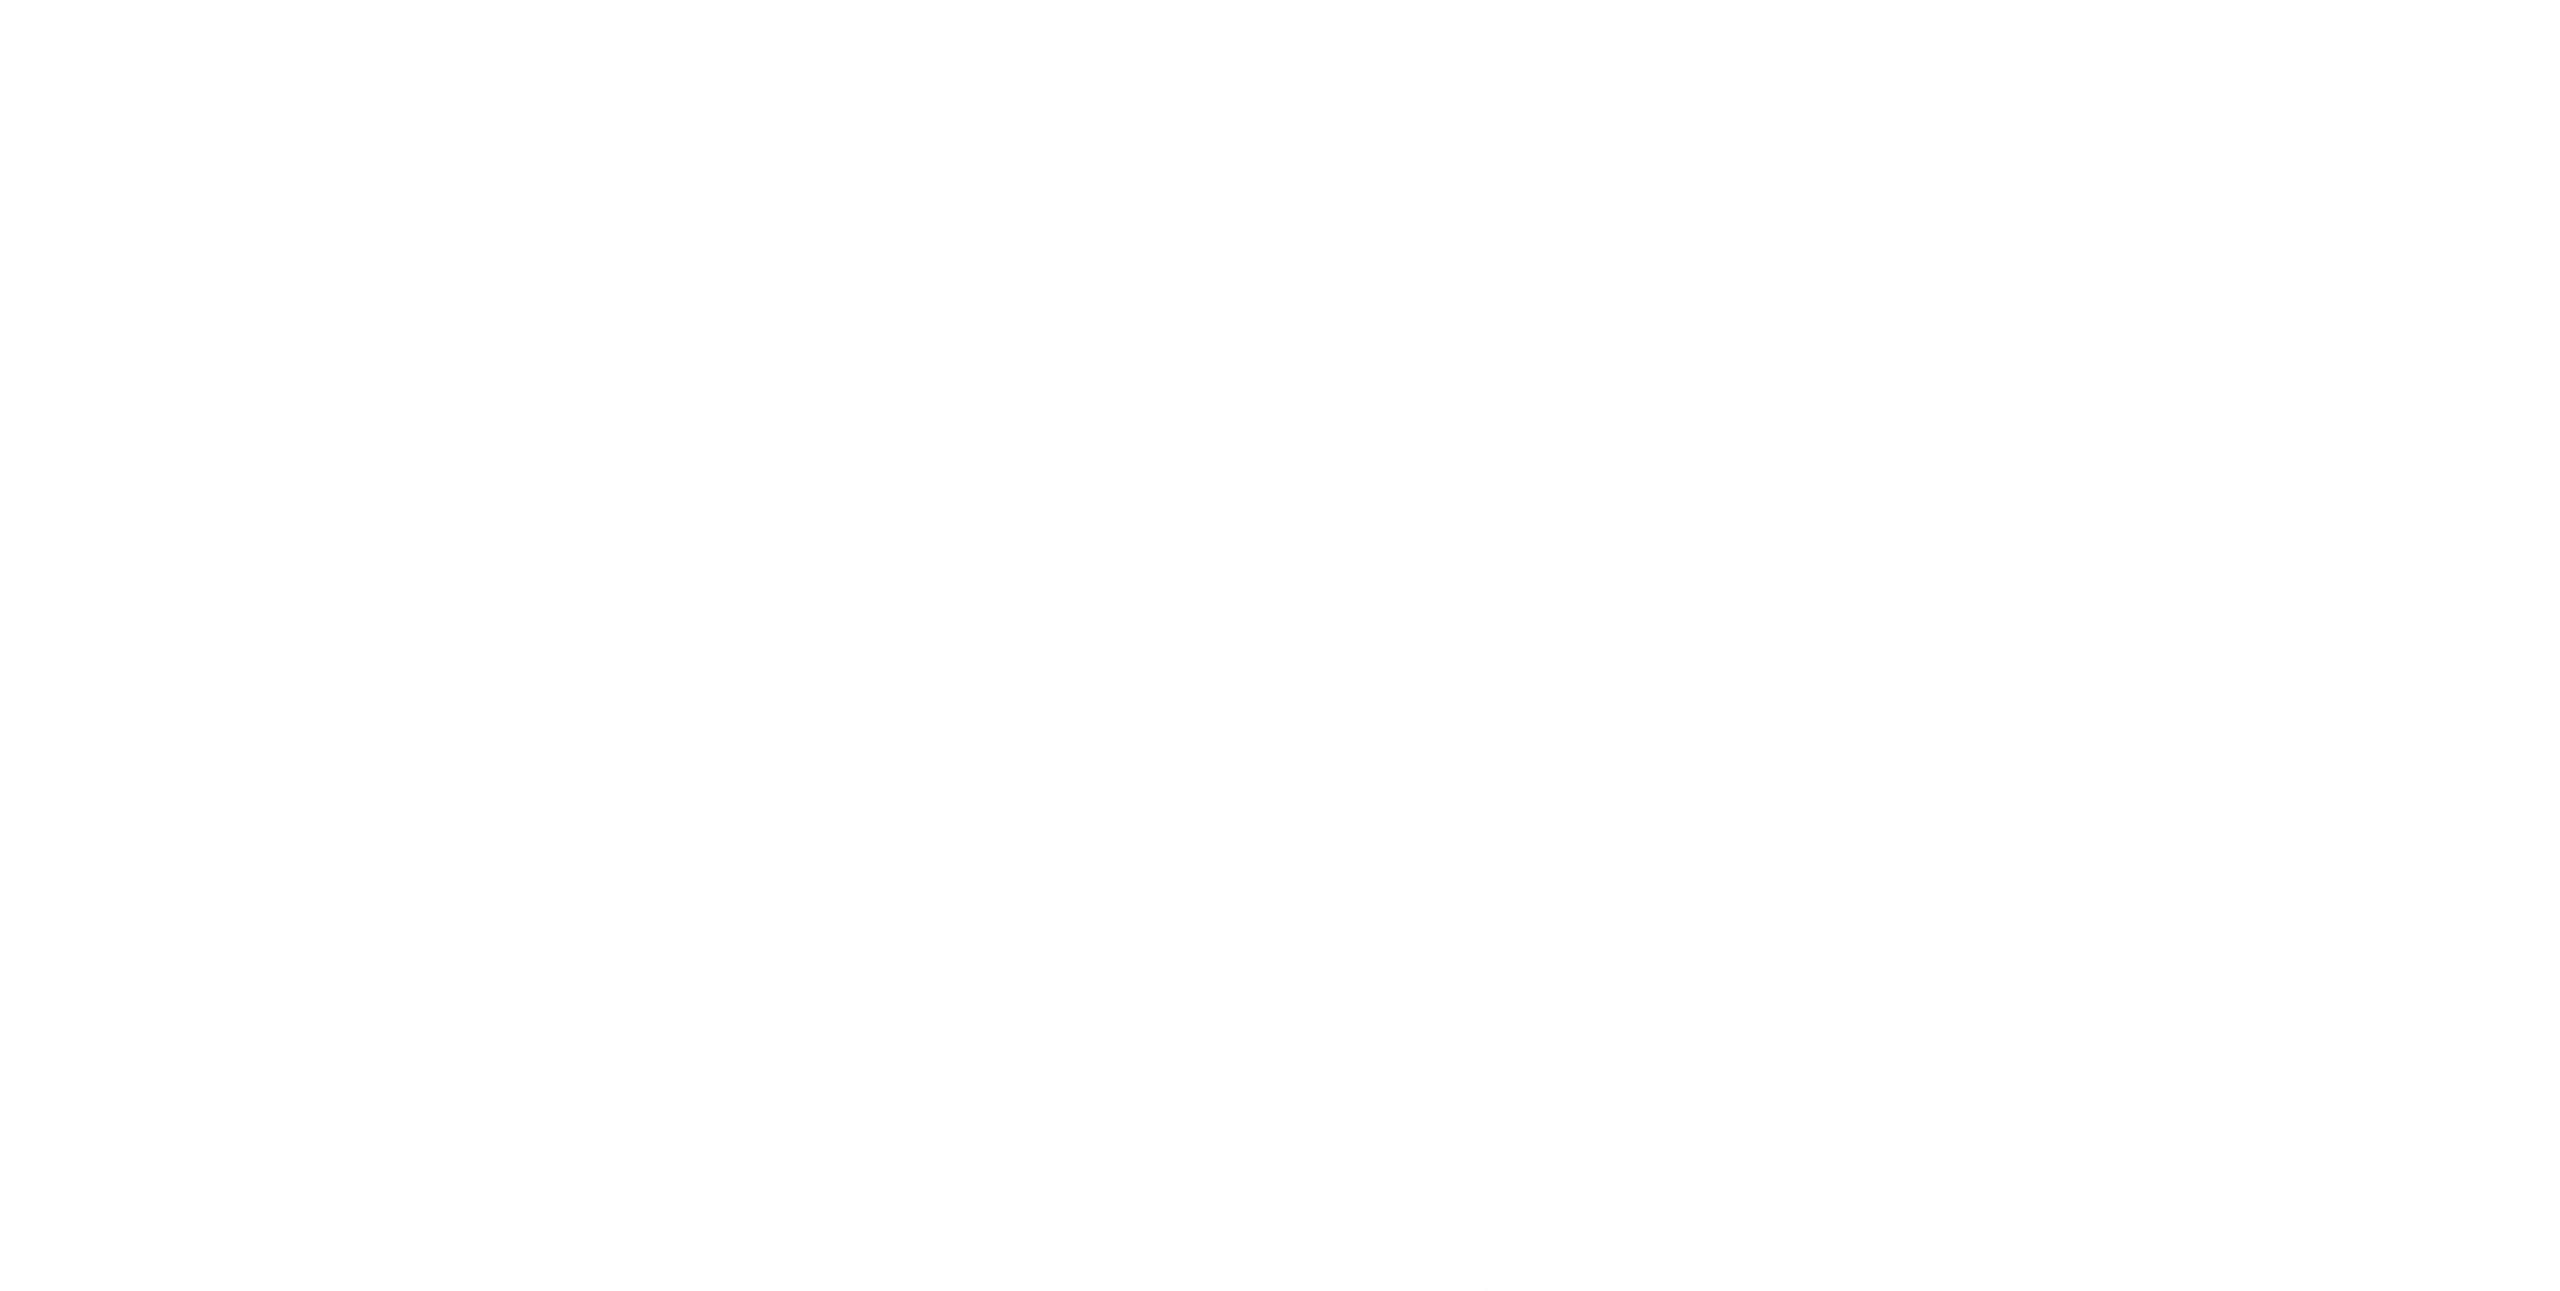 Wir verbringen Hunderte von Stunden damit, jedes Skullcandy Produkt in unserer Zentrale in Park City, Utah zu entwerfen, zu testen und zu perfektionieren. Aber unsere Ingenieure sind keineswegs typische Industrietechniker in Laborkitteln. Sie sind Musikliebhaber, die für das Abenteuer leben. Und sie wissen genau wie du, was es bedeutet, ständig auf Achse zu sein.